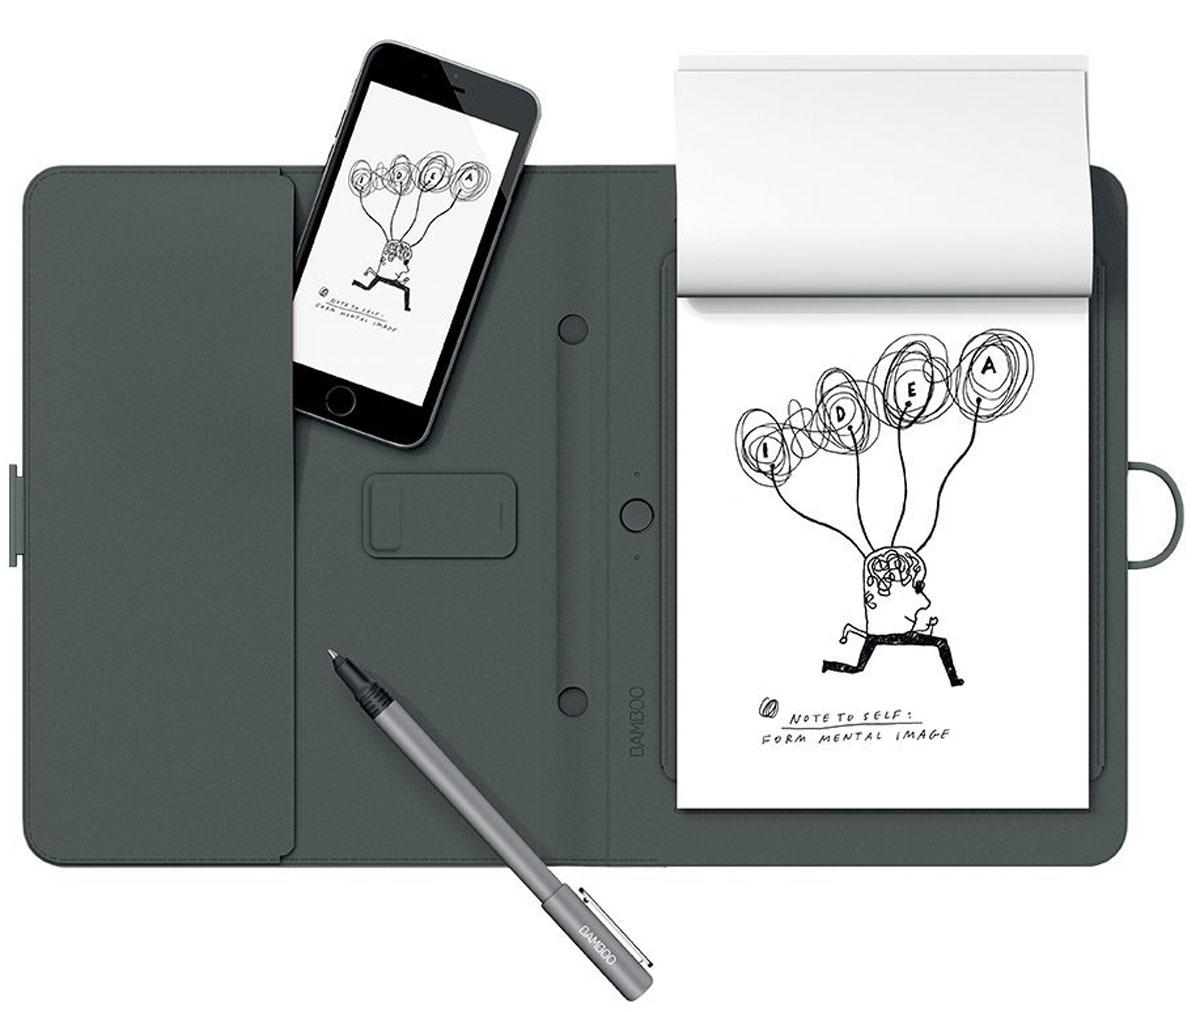 Wacom Bamboo Spark цифровой блокнот с карманом для гаджетов (CDS-600G)4949268619615Bamboo Spark - устройство, которое позволяет придумывать новые идеи и писать заметки на любом типе бумаги, автоматически оцифровывая написанное в реальном времени в специальном приложении для Android и iOS. Конвертация рукописного текста в цифровой предоставляет пользователям Bamboo Spark новый уникальный функционал: теперь они могут получать изящный каллиграфический текст в цифровом формате на основе рукописных заметок, сделанных с помощью специальной ручки-стилуса в умном блокноте, и хранить заметки в упорядоченном виде, чтобы отредактировать их позже или поделиться с другими. Создание стандартных текстовых файлов на основе рукописных заметок в Bamboo Spark осуществляется с помощью простого инструмента экспорт в текстовый формат, который встроен в приложение. Созданные заметки можно перевести в формат *.pdf или *.jpg. Кроме того, с помощью технологии WILL (Wacoms Ink Layer Language), в цифровой текст могут быть преобразованы и созданные ранее файлы,...